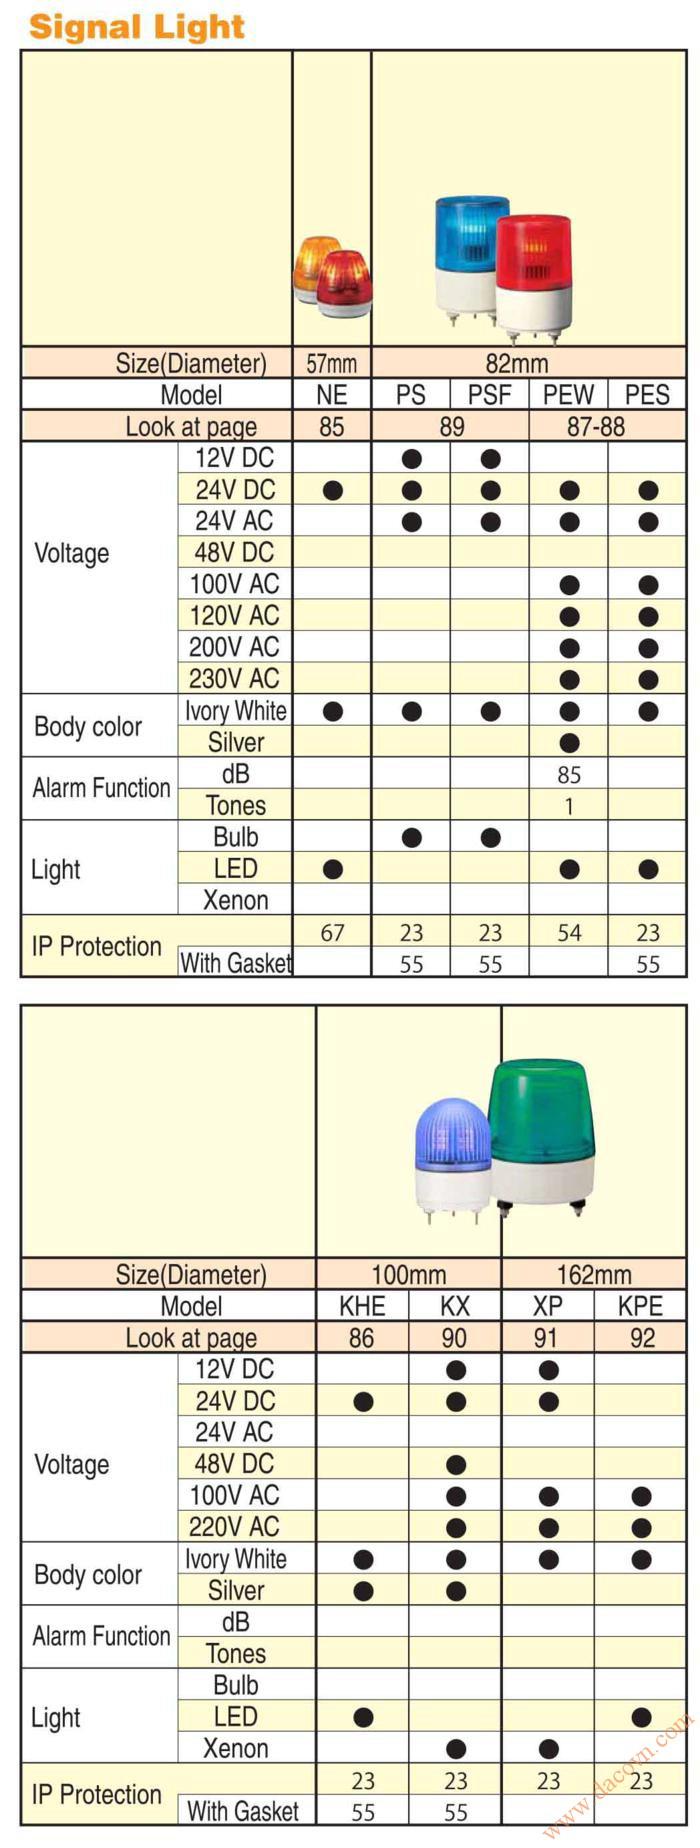 Đèn báo hiệu tín hiệu Patlite, Bảng chọn đèn báo hiệu tín hiệu Patltie